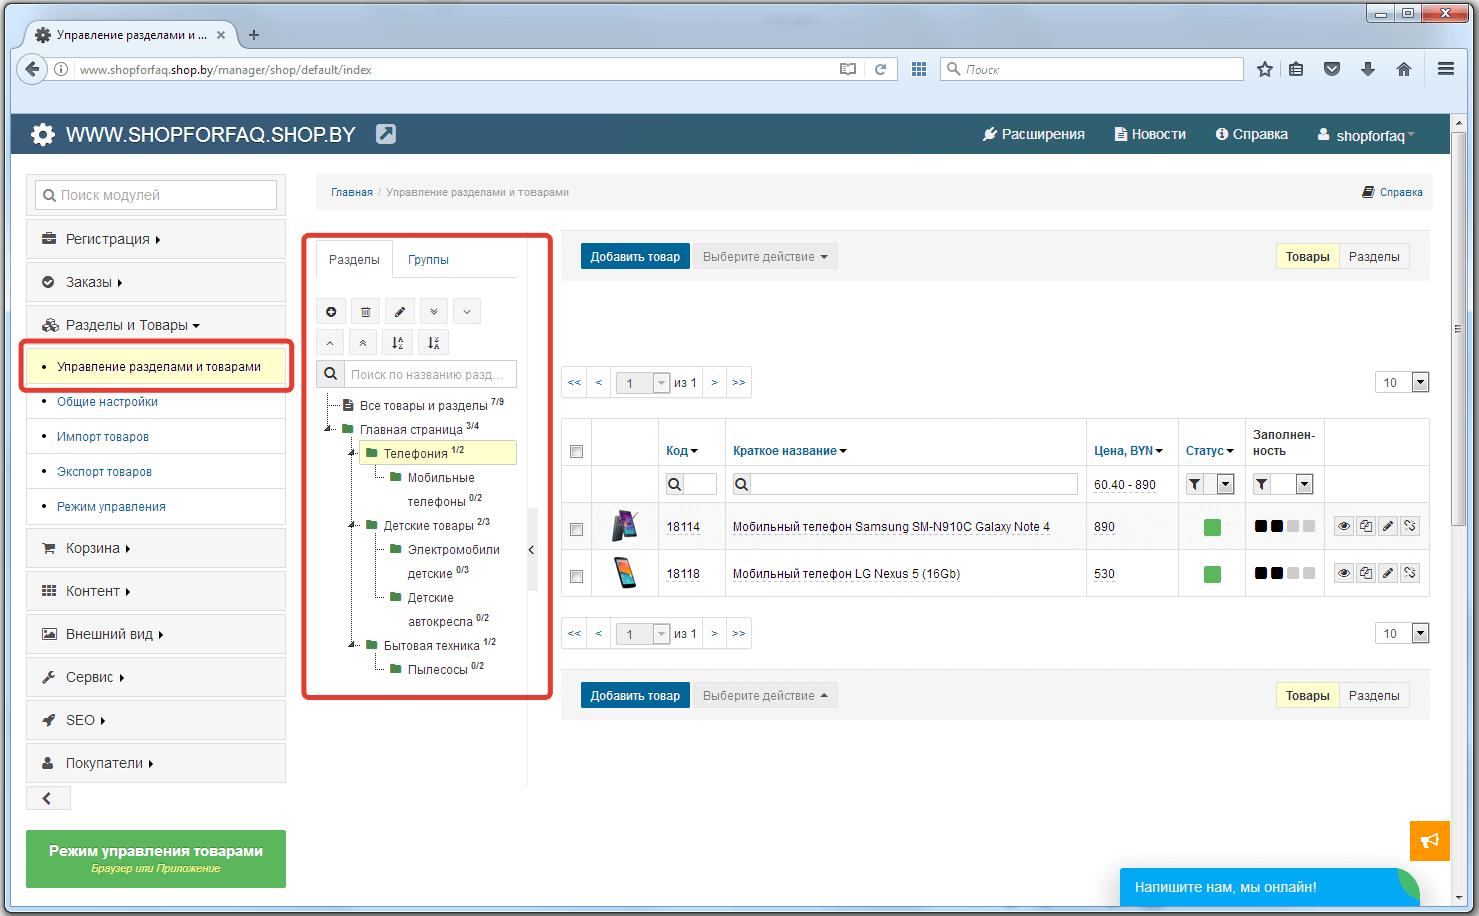 8af920f0f910 Как создать и редактировать разделы каталога интернет-магазина